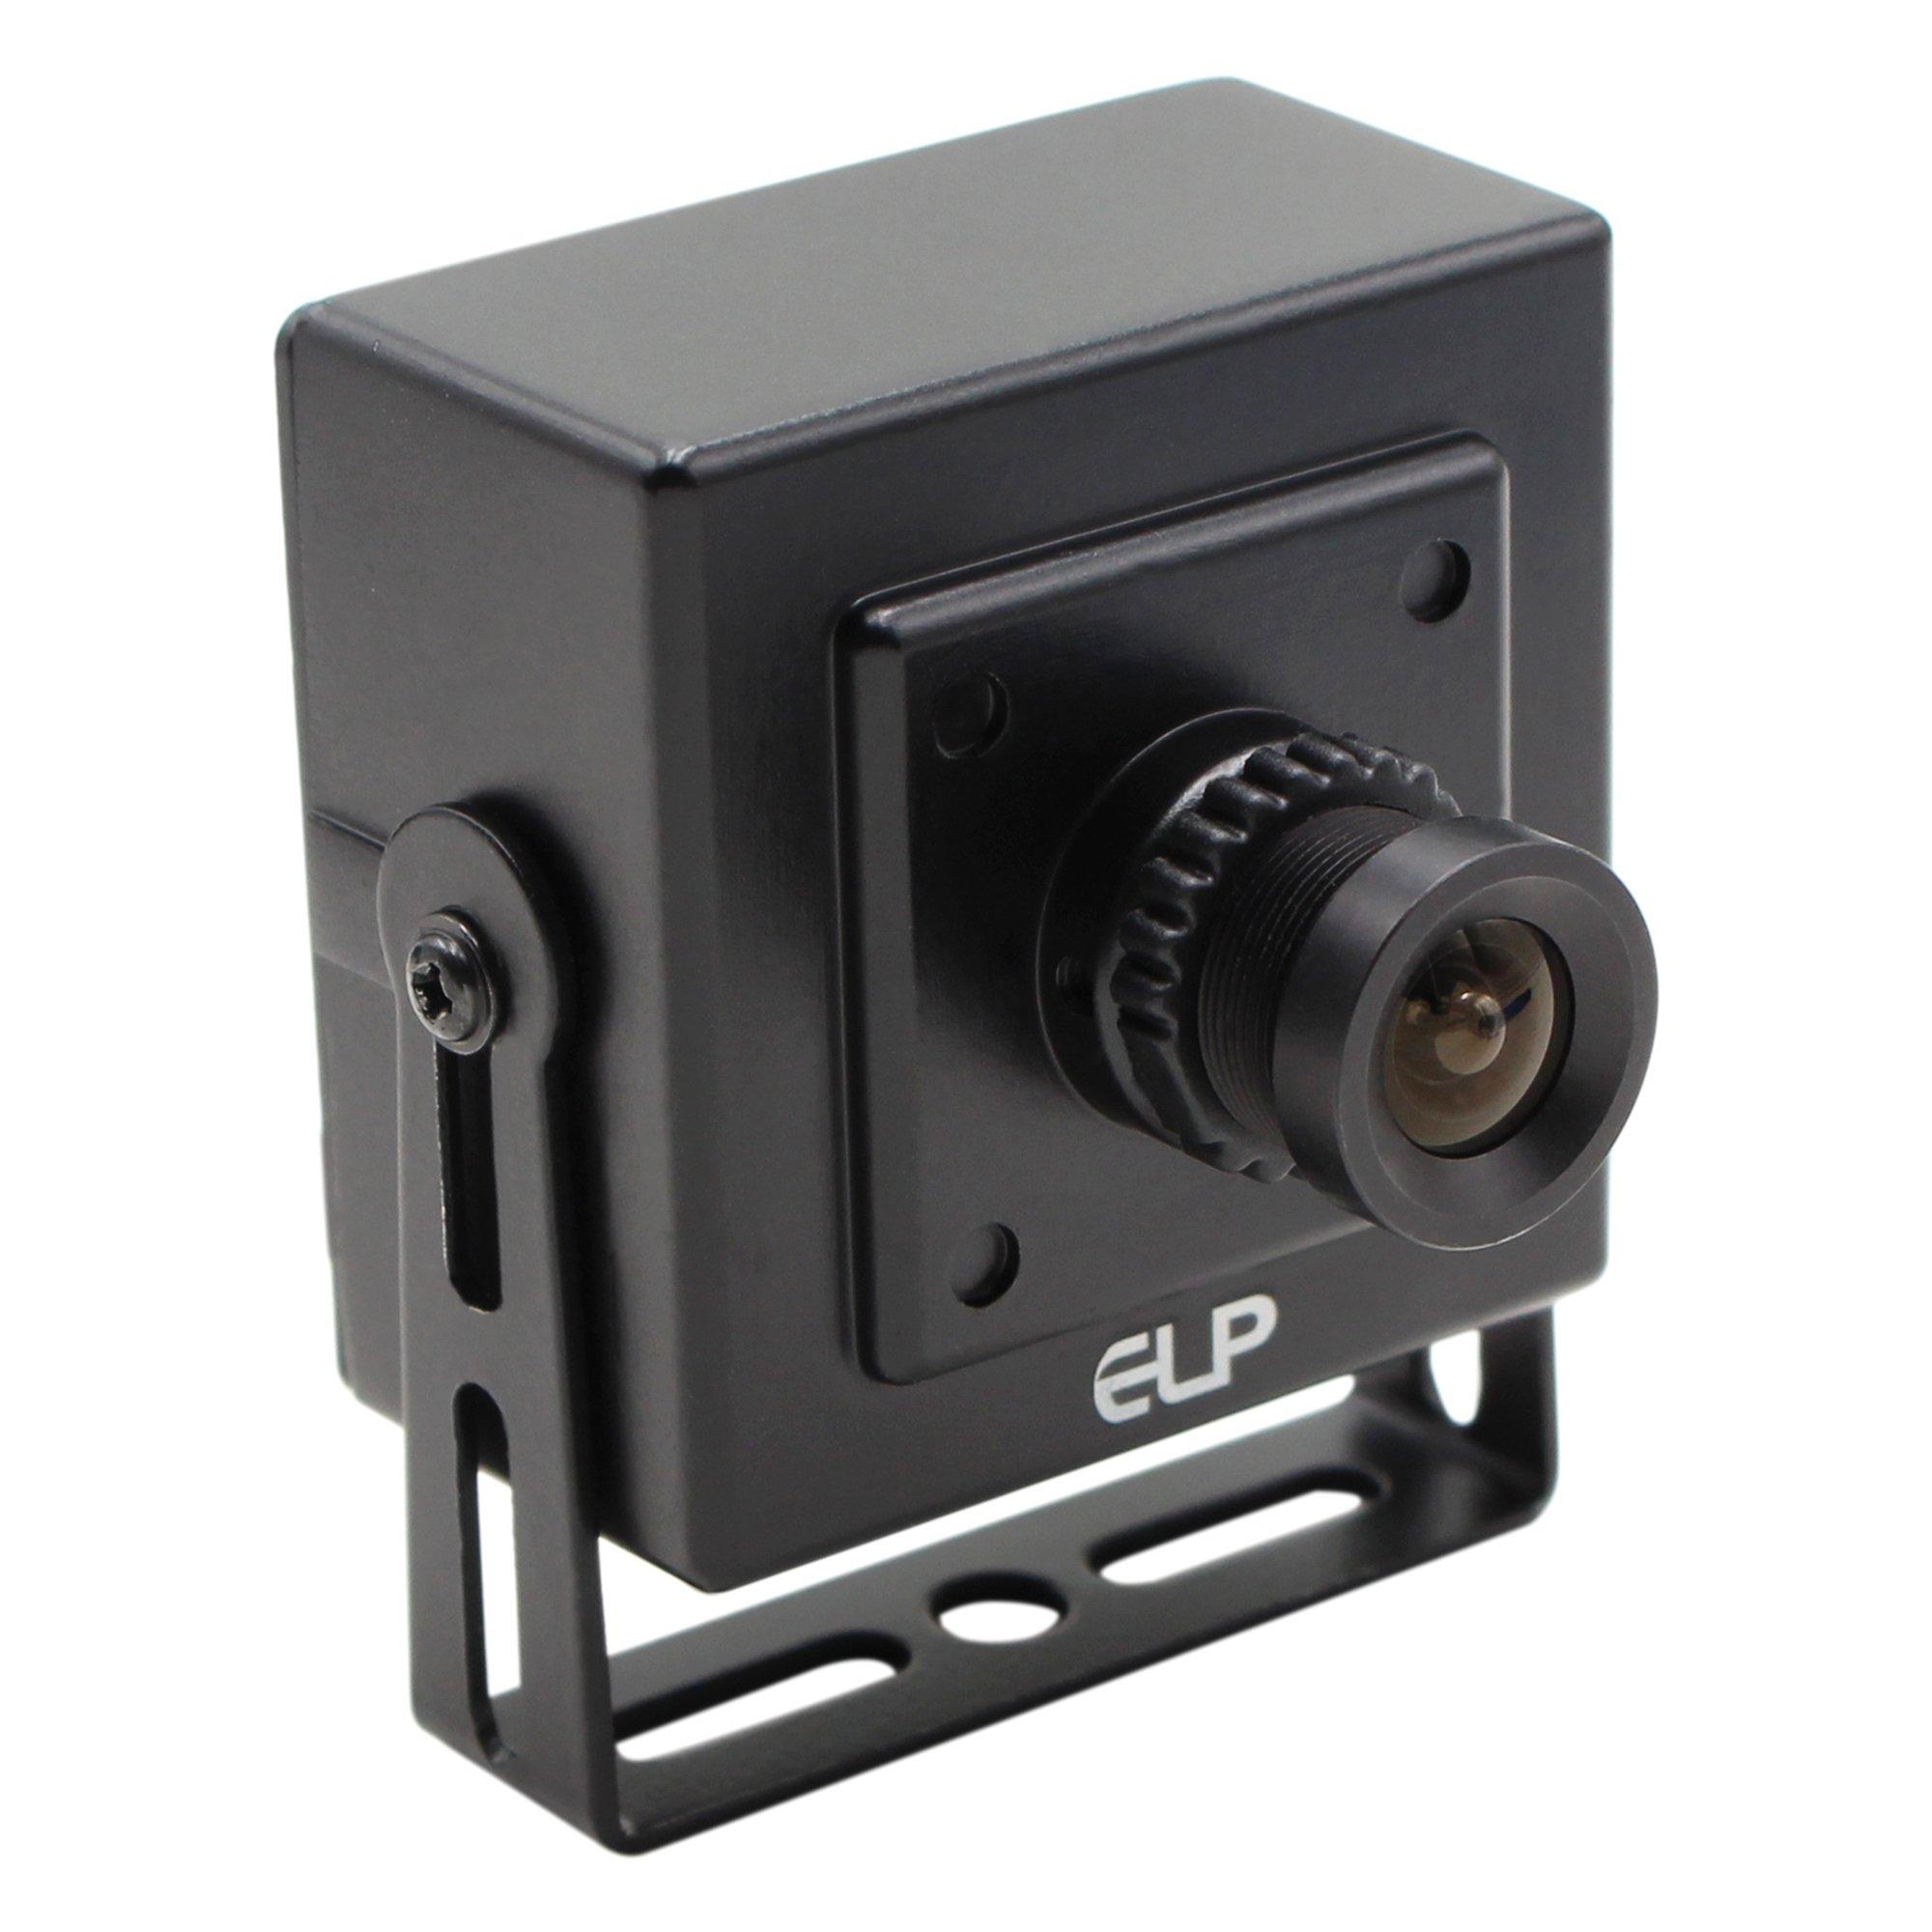 ELP 1280720p 1.0 Megapixel Mini IP Camera,Mini Hidden Network Camera,Onvif